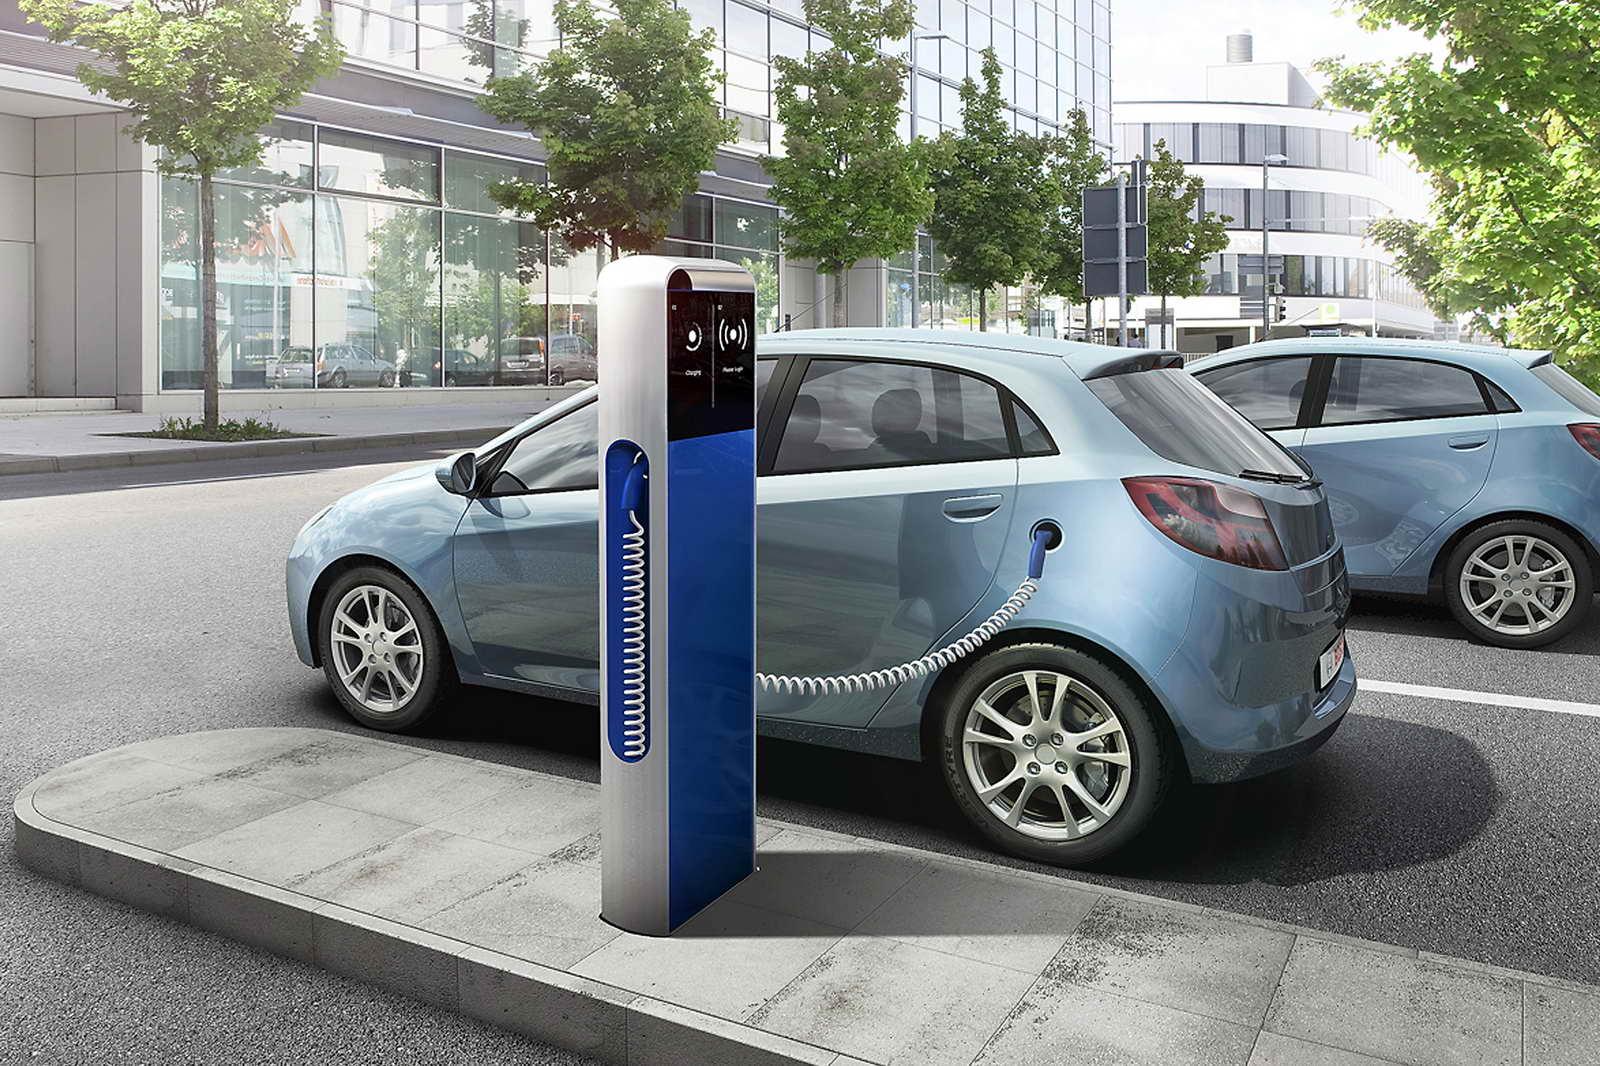 Vehículo eléctrico enchufable. Fuente: evwind.com